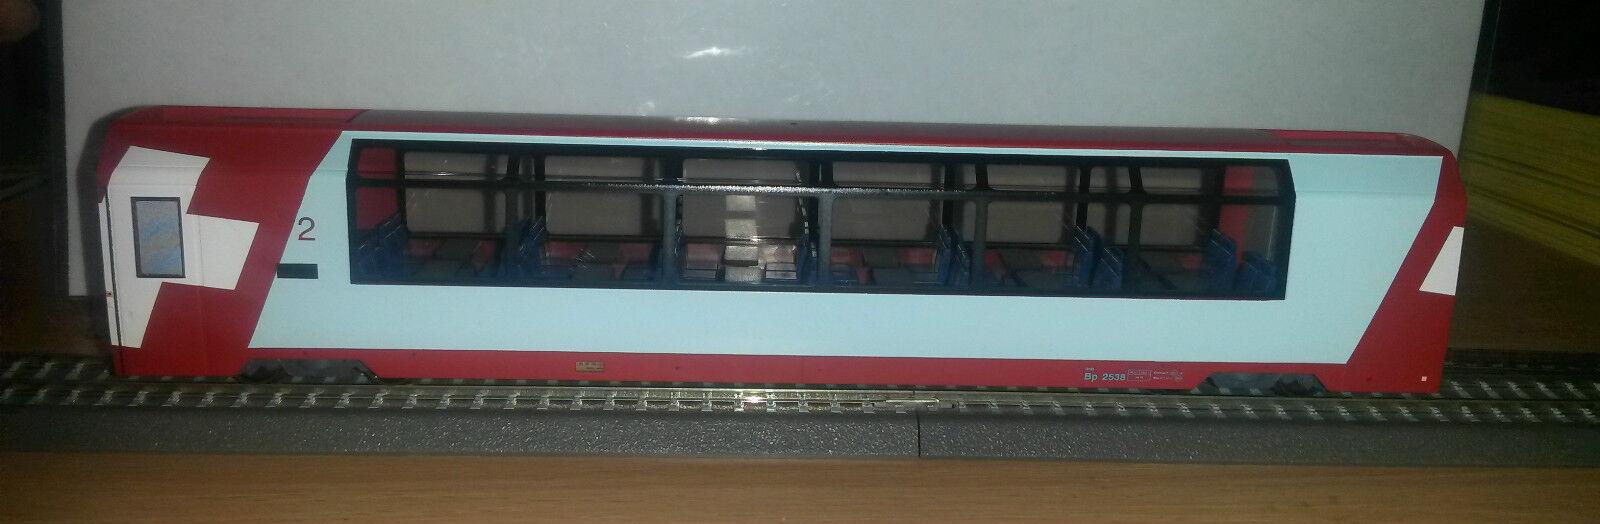 H0m RhB Bp 2538 Panoramawagen 2.Klasse Ep.VI Bemo 3289128 Neu Herregud